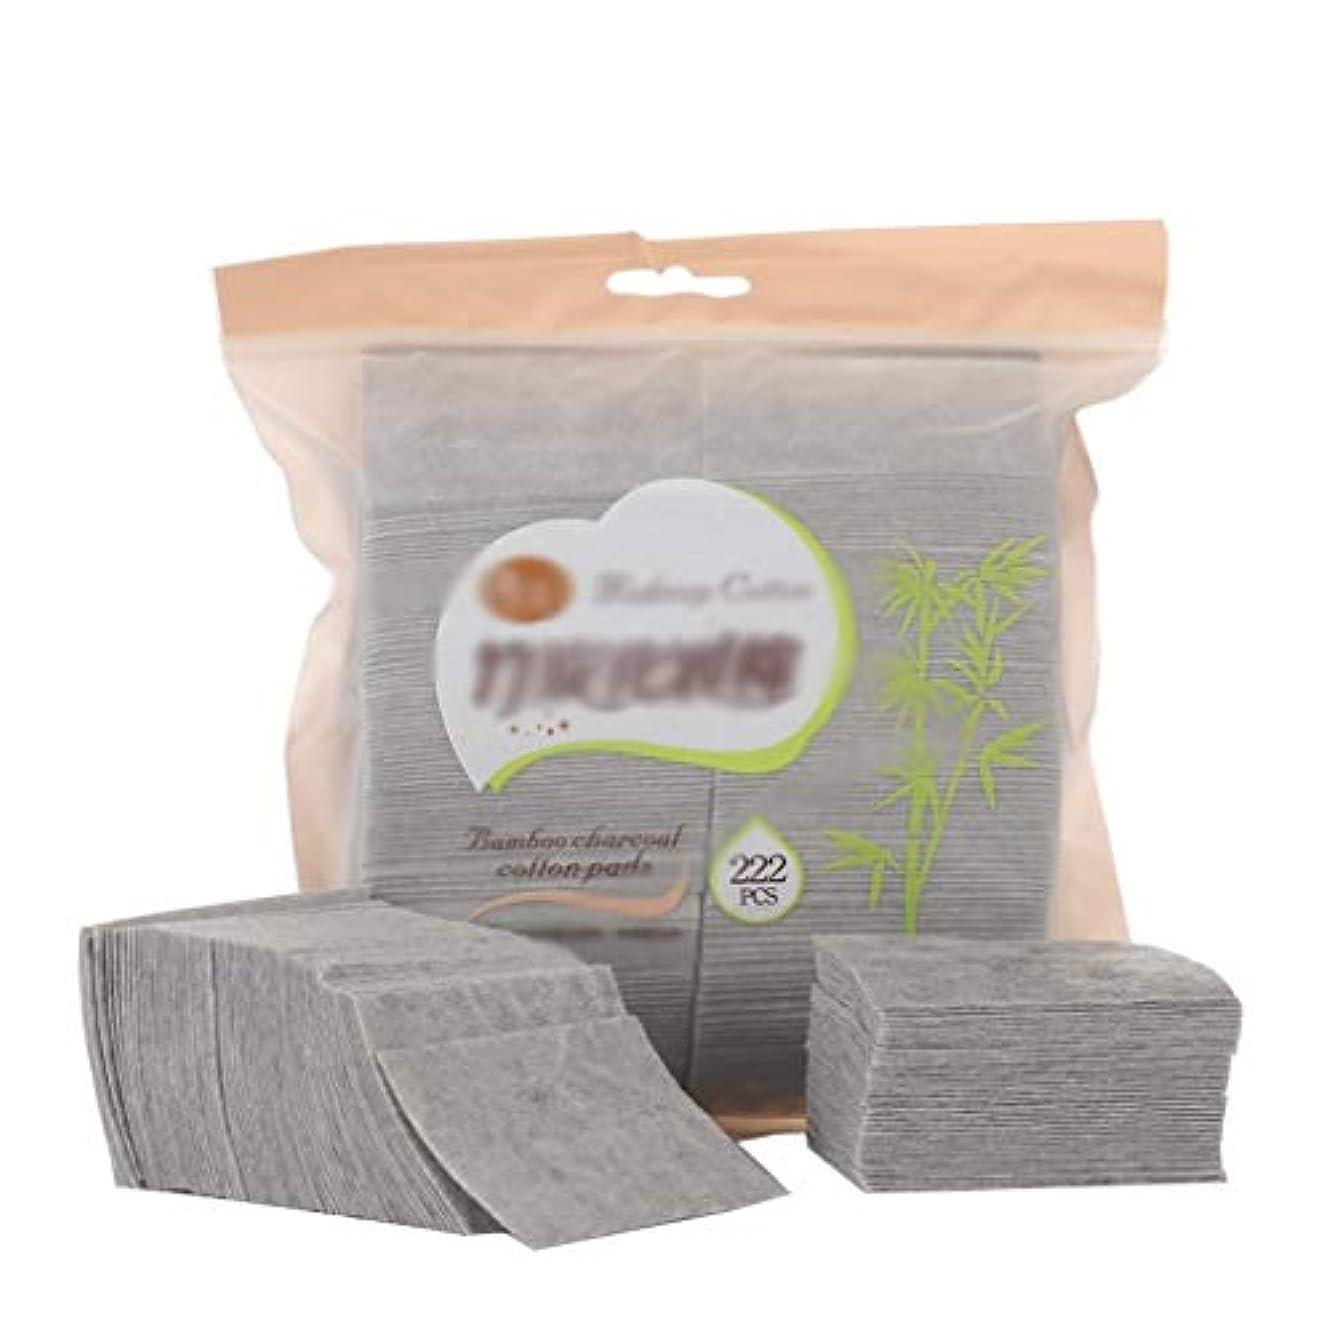 情報技術タイヤクレンジングシート 222ピース箱入り竹炭化粧コットンパッド両面使い捨て洗顔コットンポータブルメイクアップコットンピース (Color : Gray, サイズ : 5*7cm)